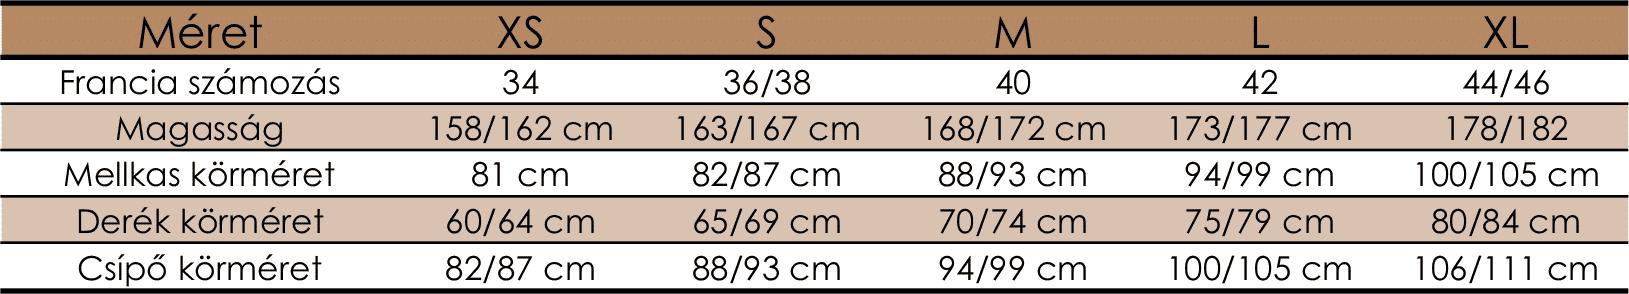 női méretek